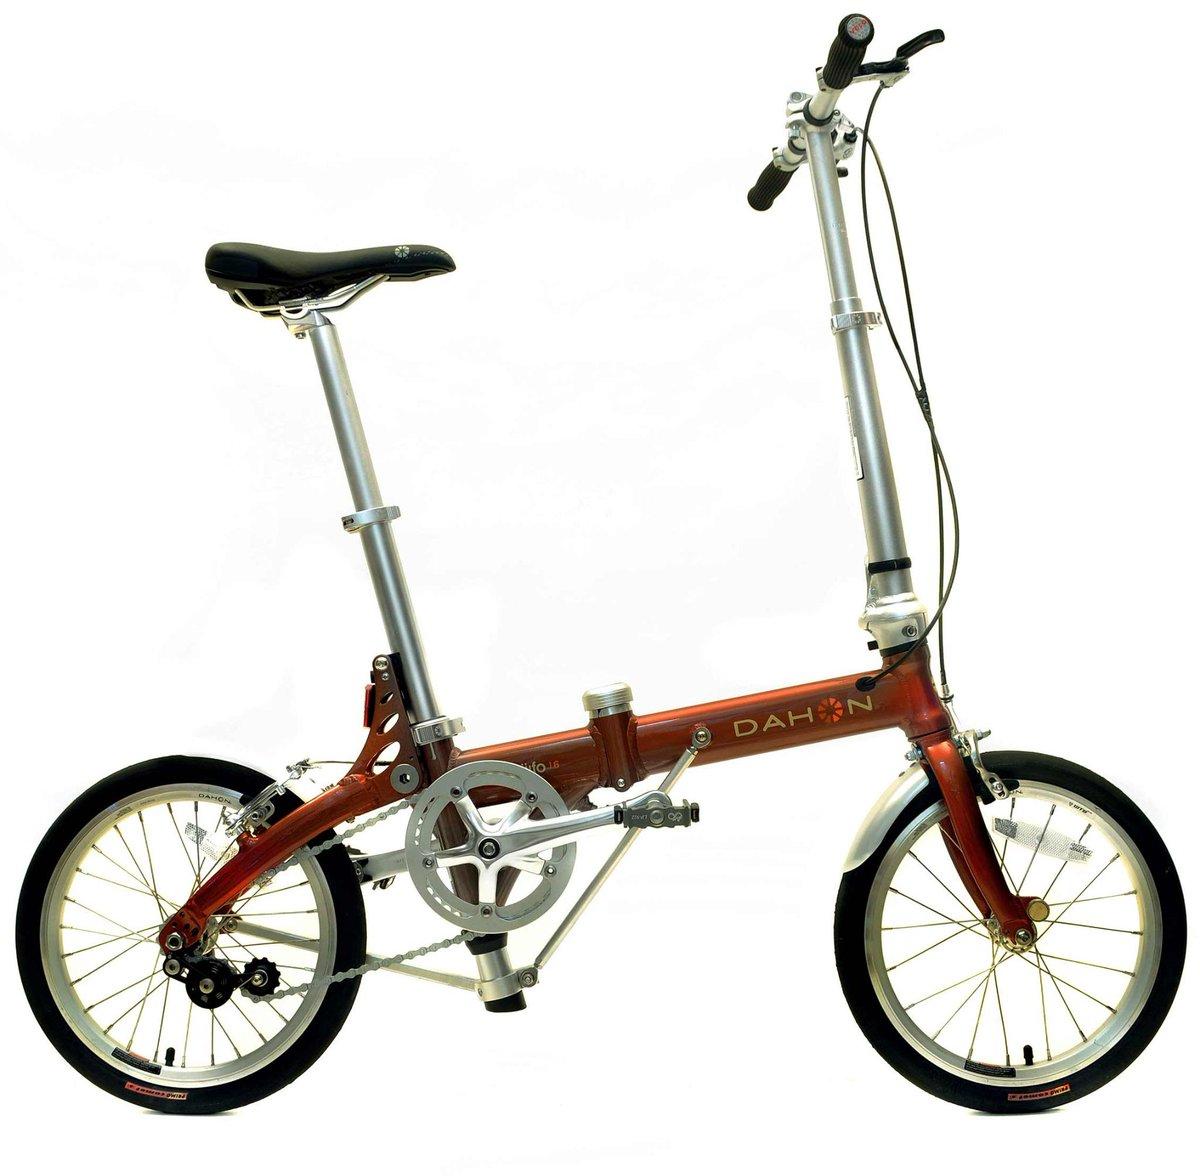 Какой выбрать складной велосипед для женщины?